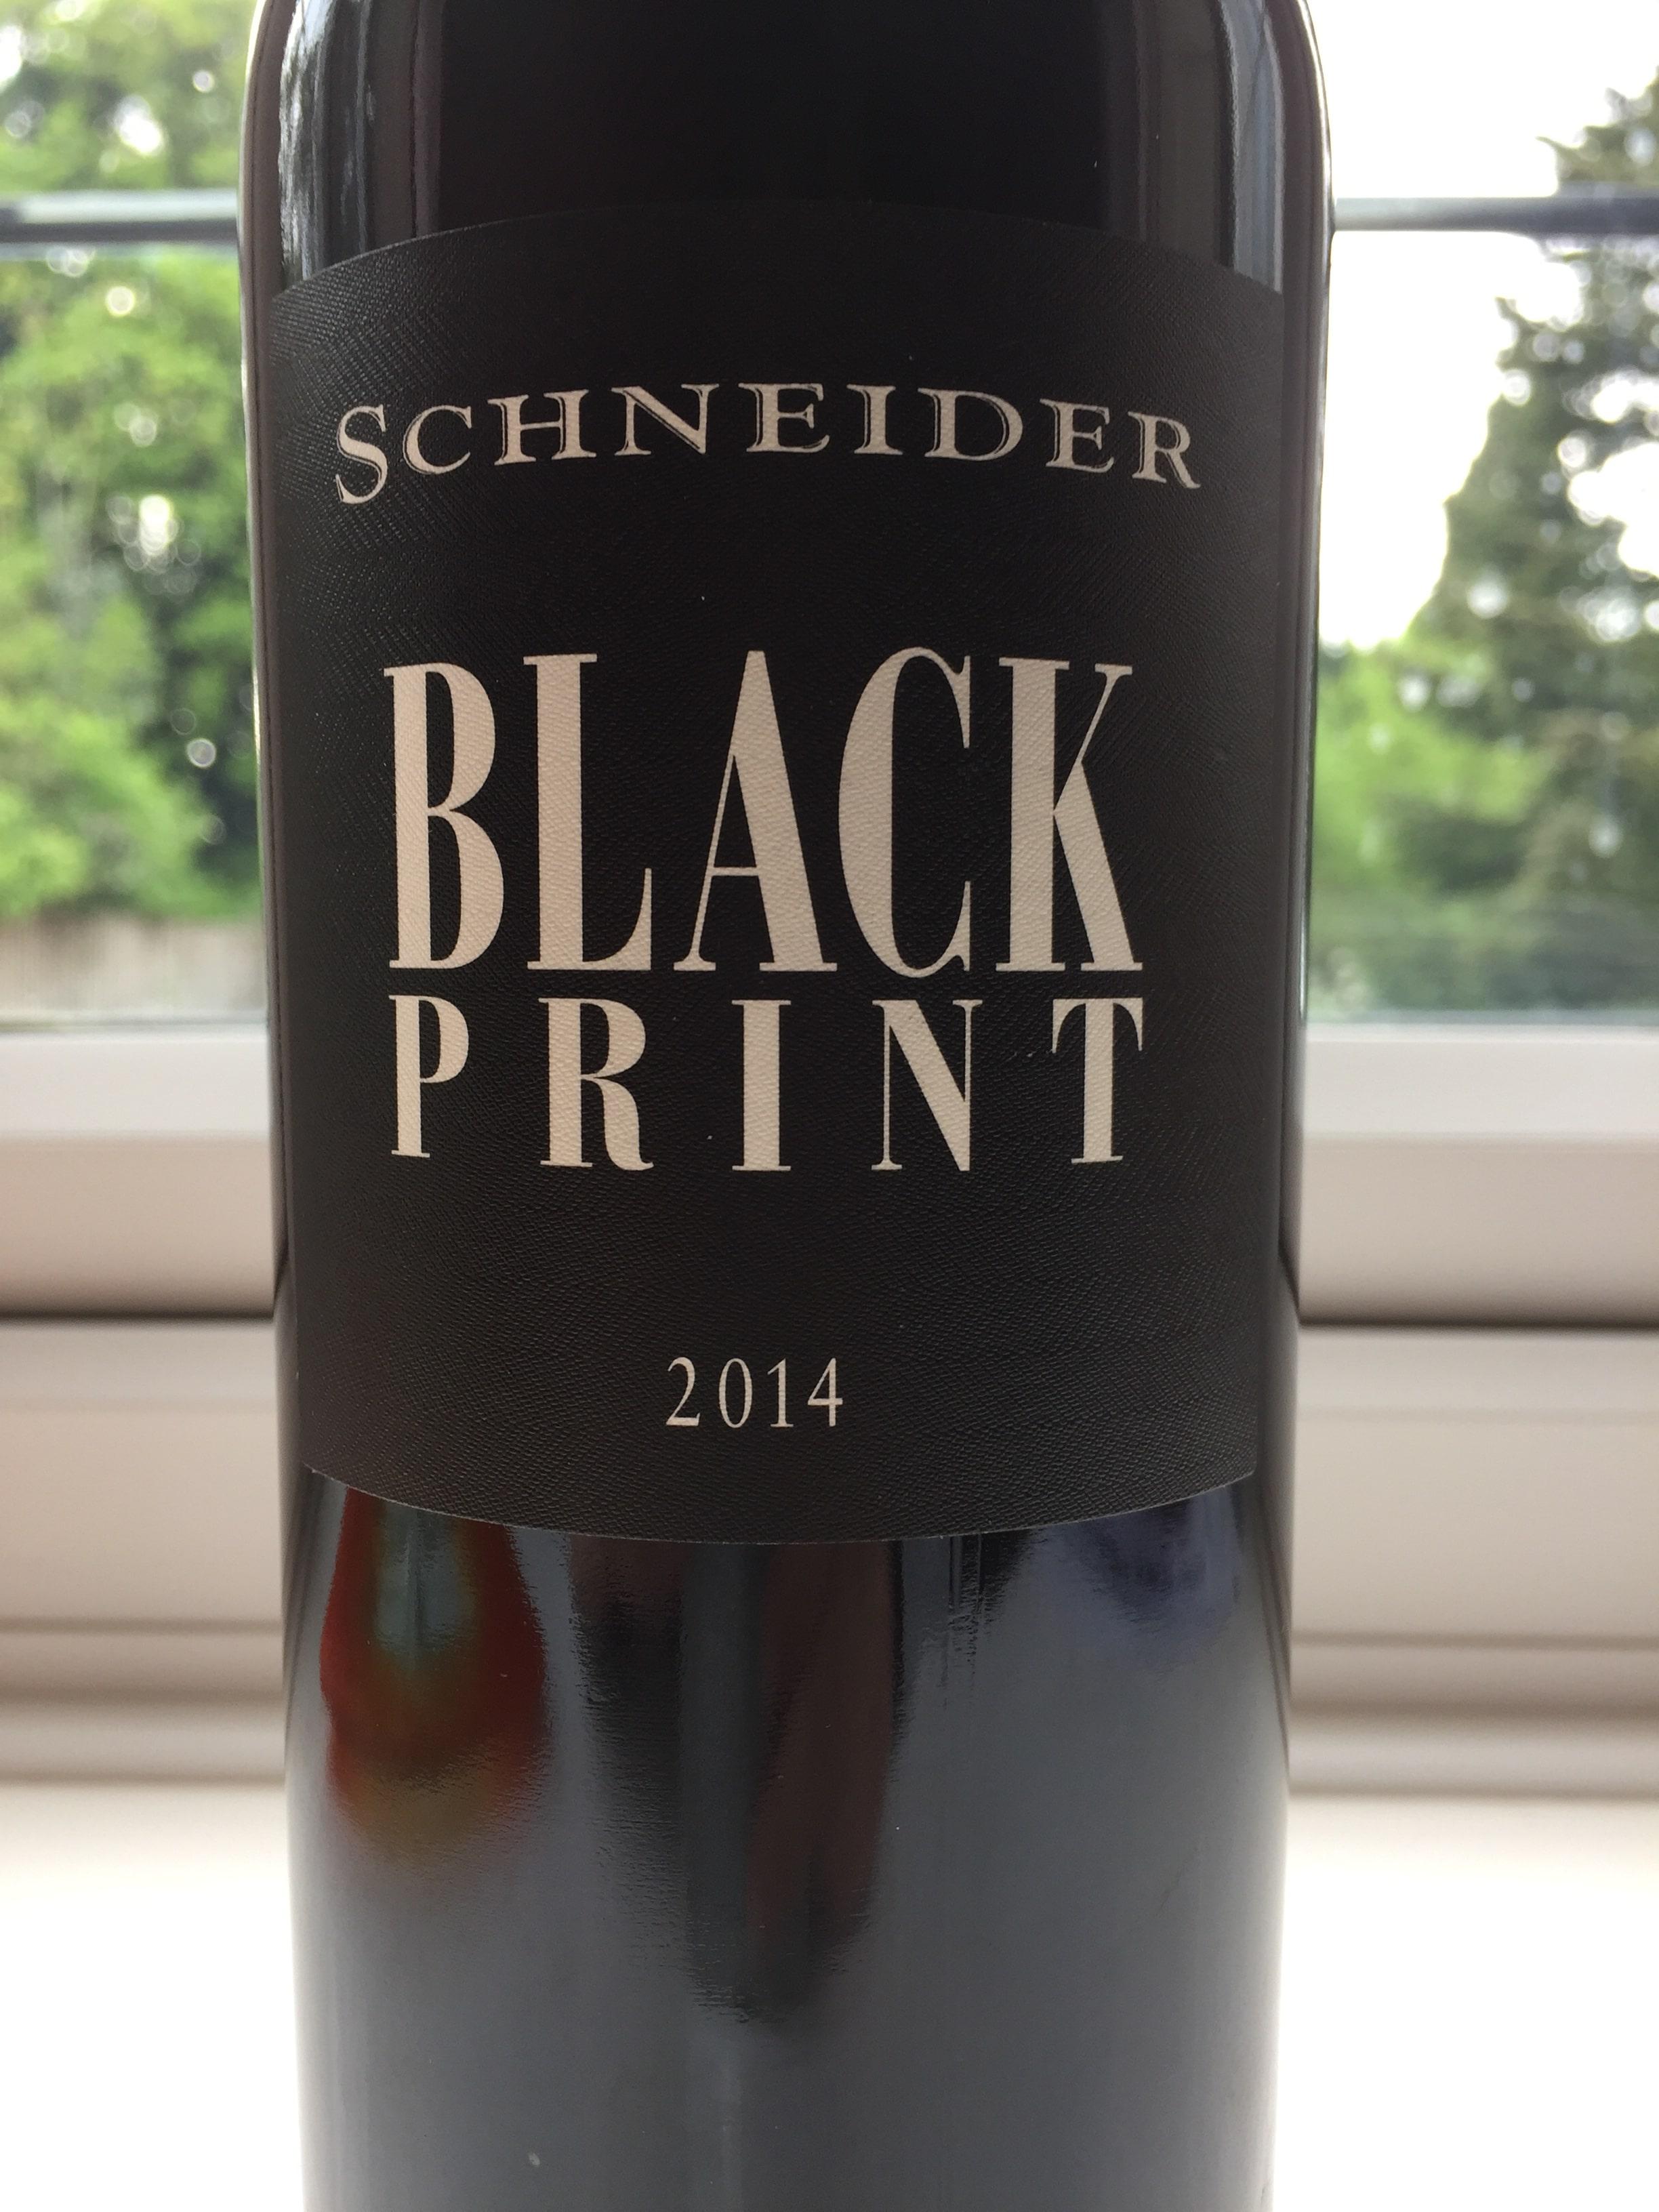 Schneider Black Print 2014